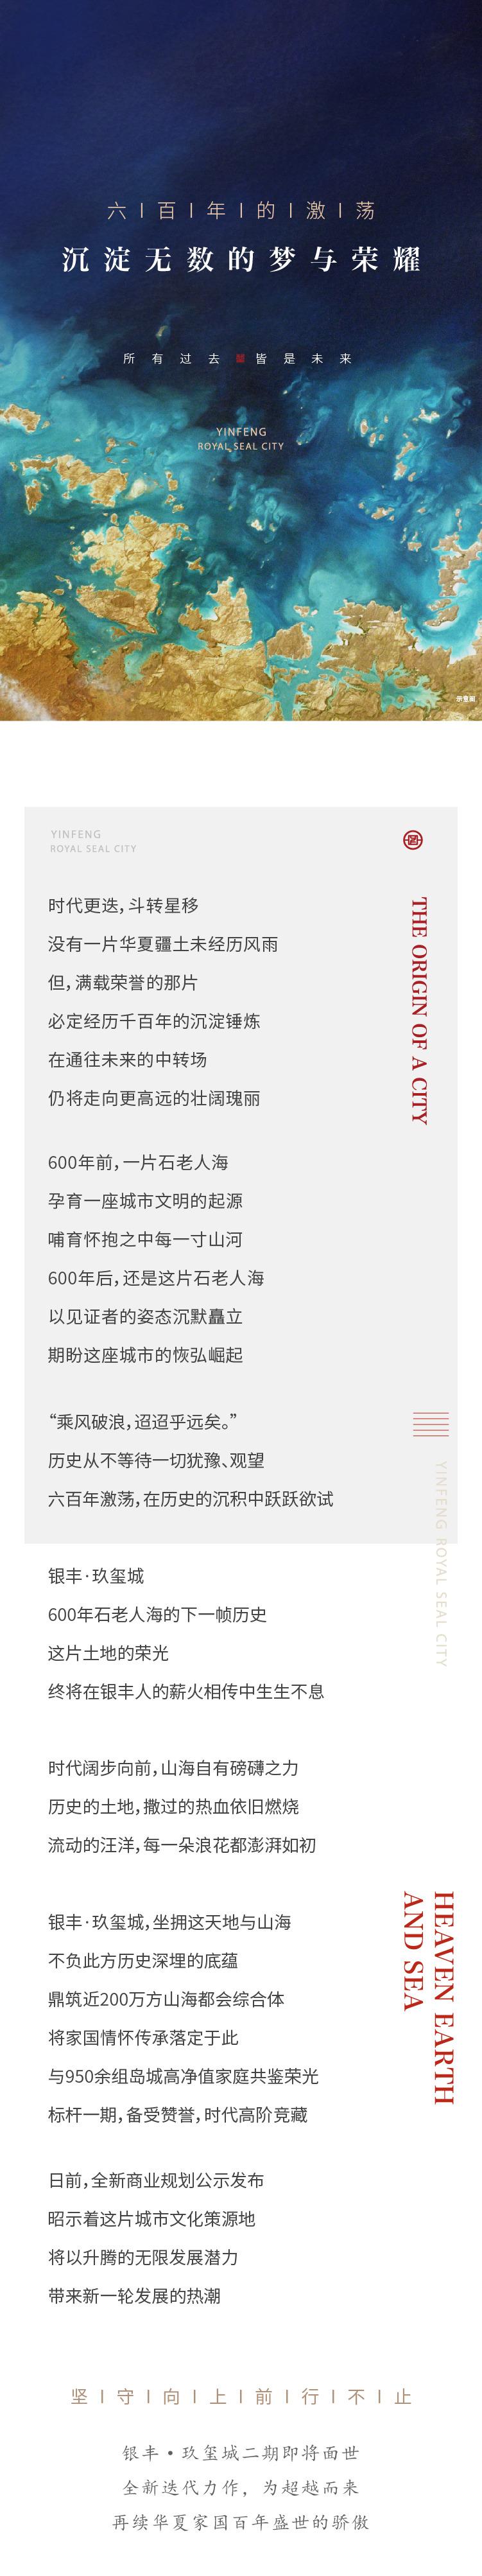 青岛,石老人海,银丰玖玺城,青岛新闻网